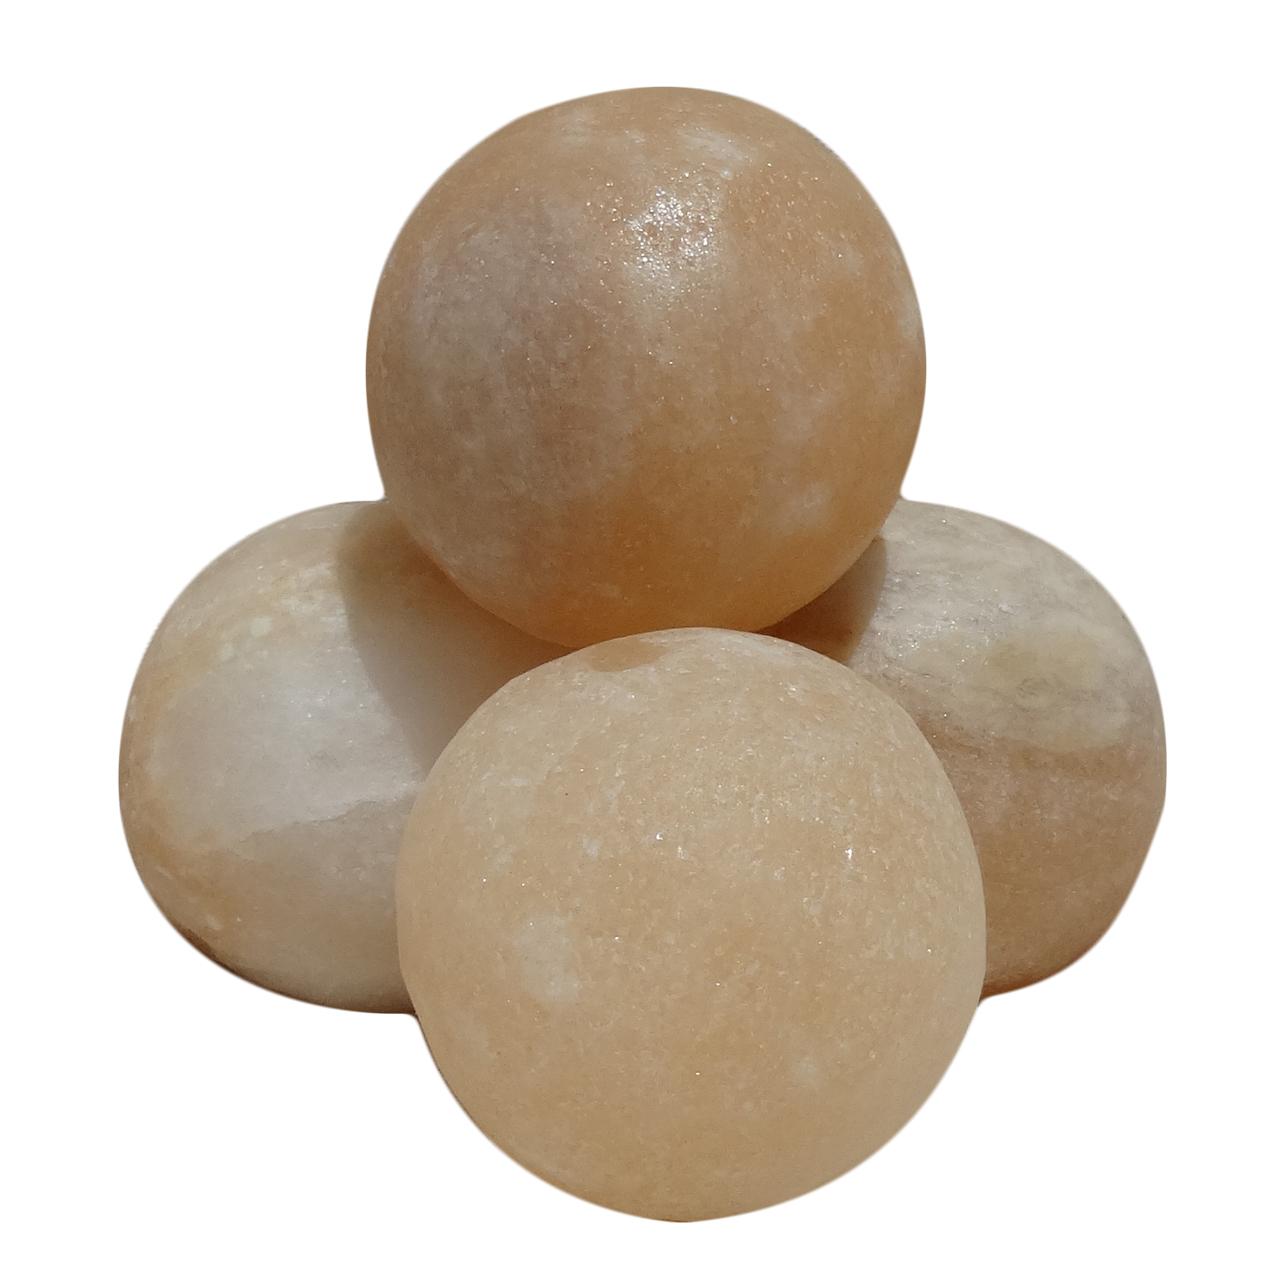 سنگ نمک ماساژ کد M03 بسته 4 عددی